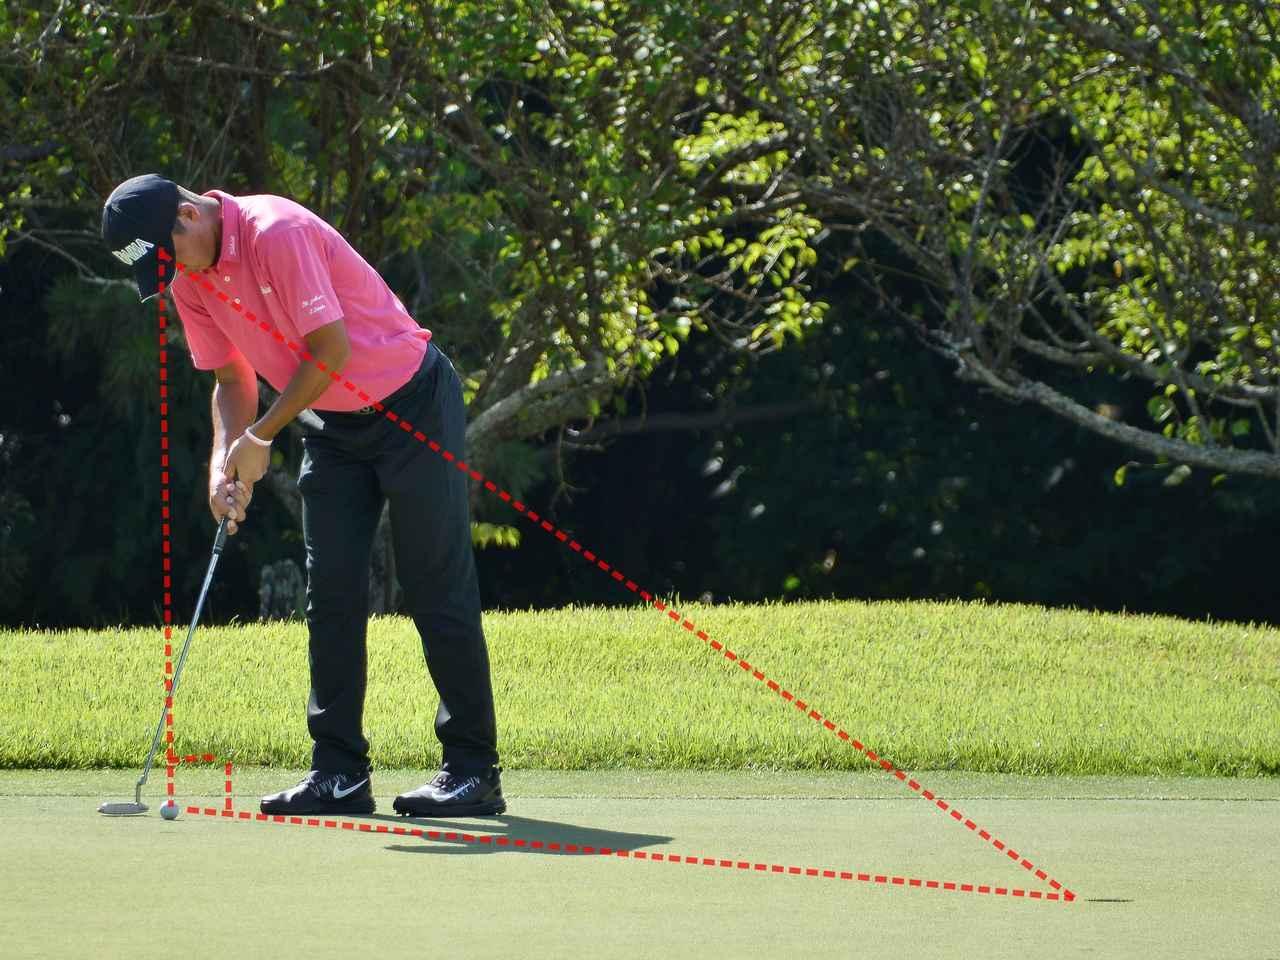 画像: 「目とボールとカップを結ぶ、三角形をイメージします」(出利葉くん)